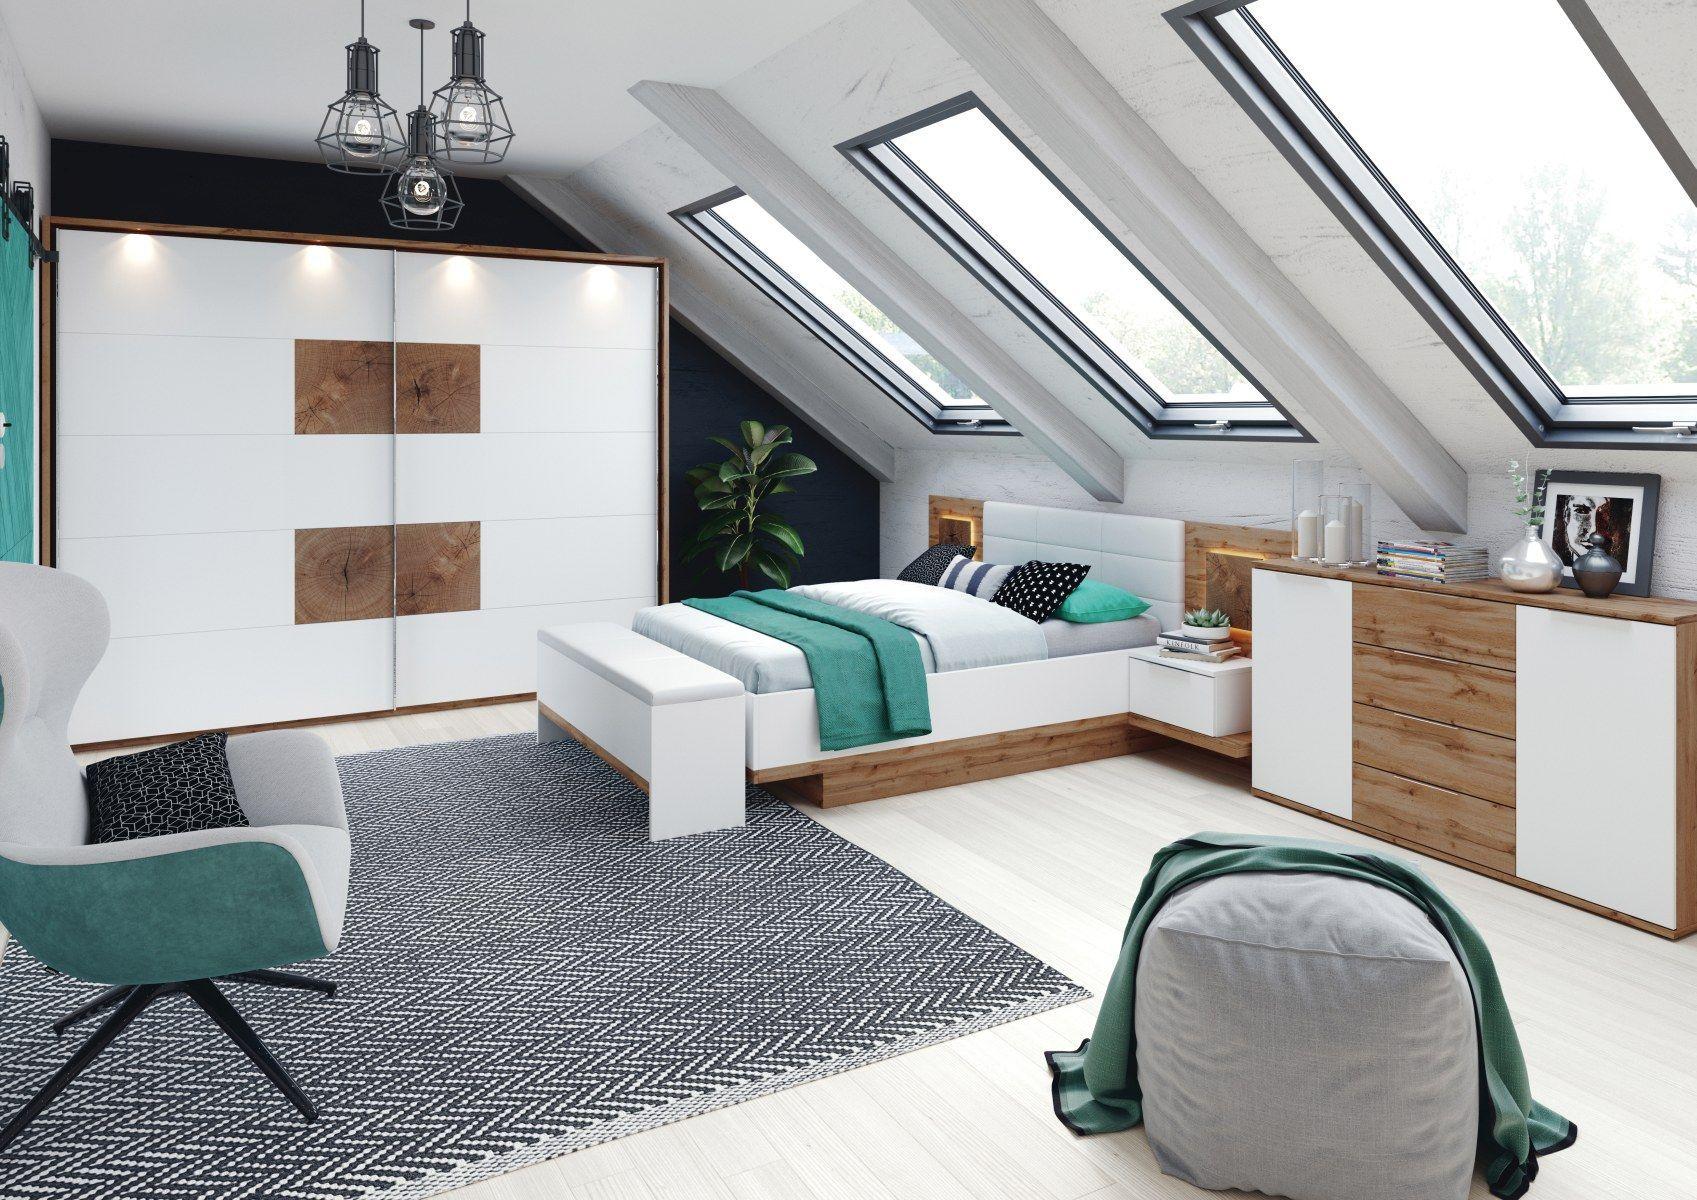 livorno sypialnia 2 5